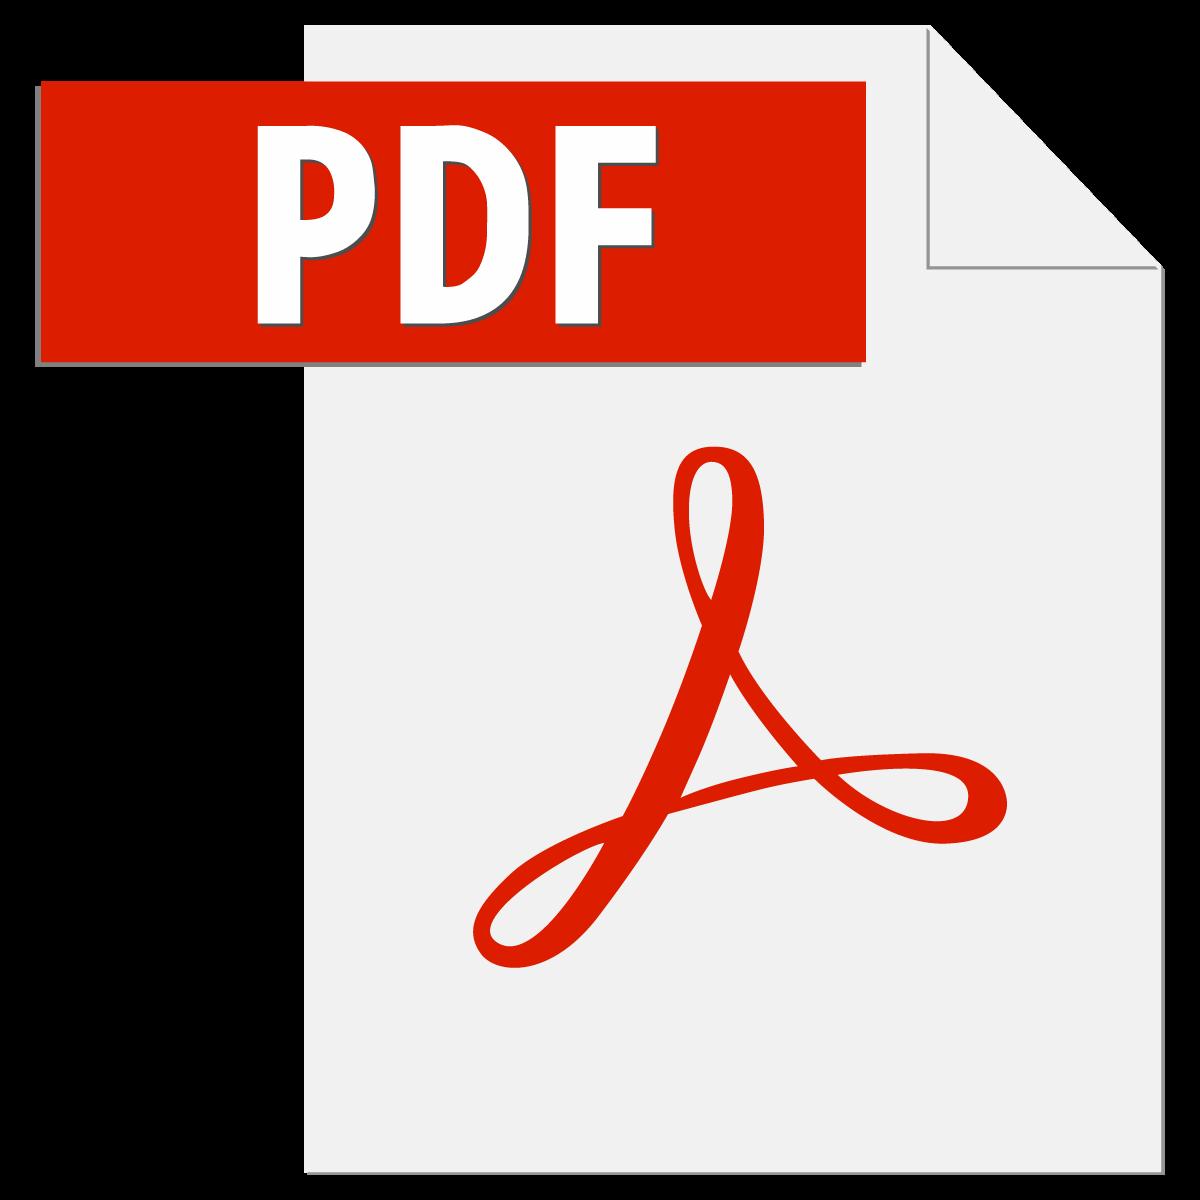 File PDF per stampa digitale.